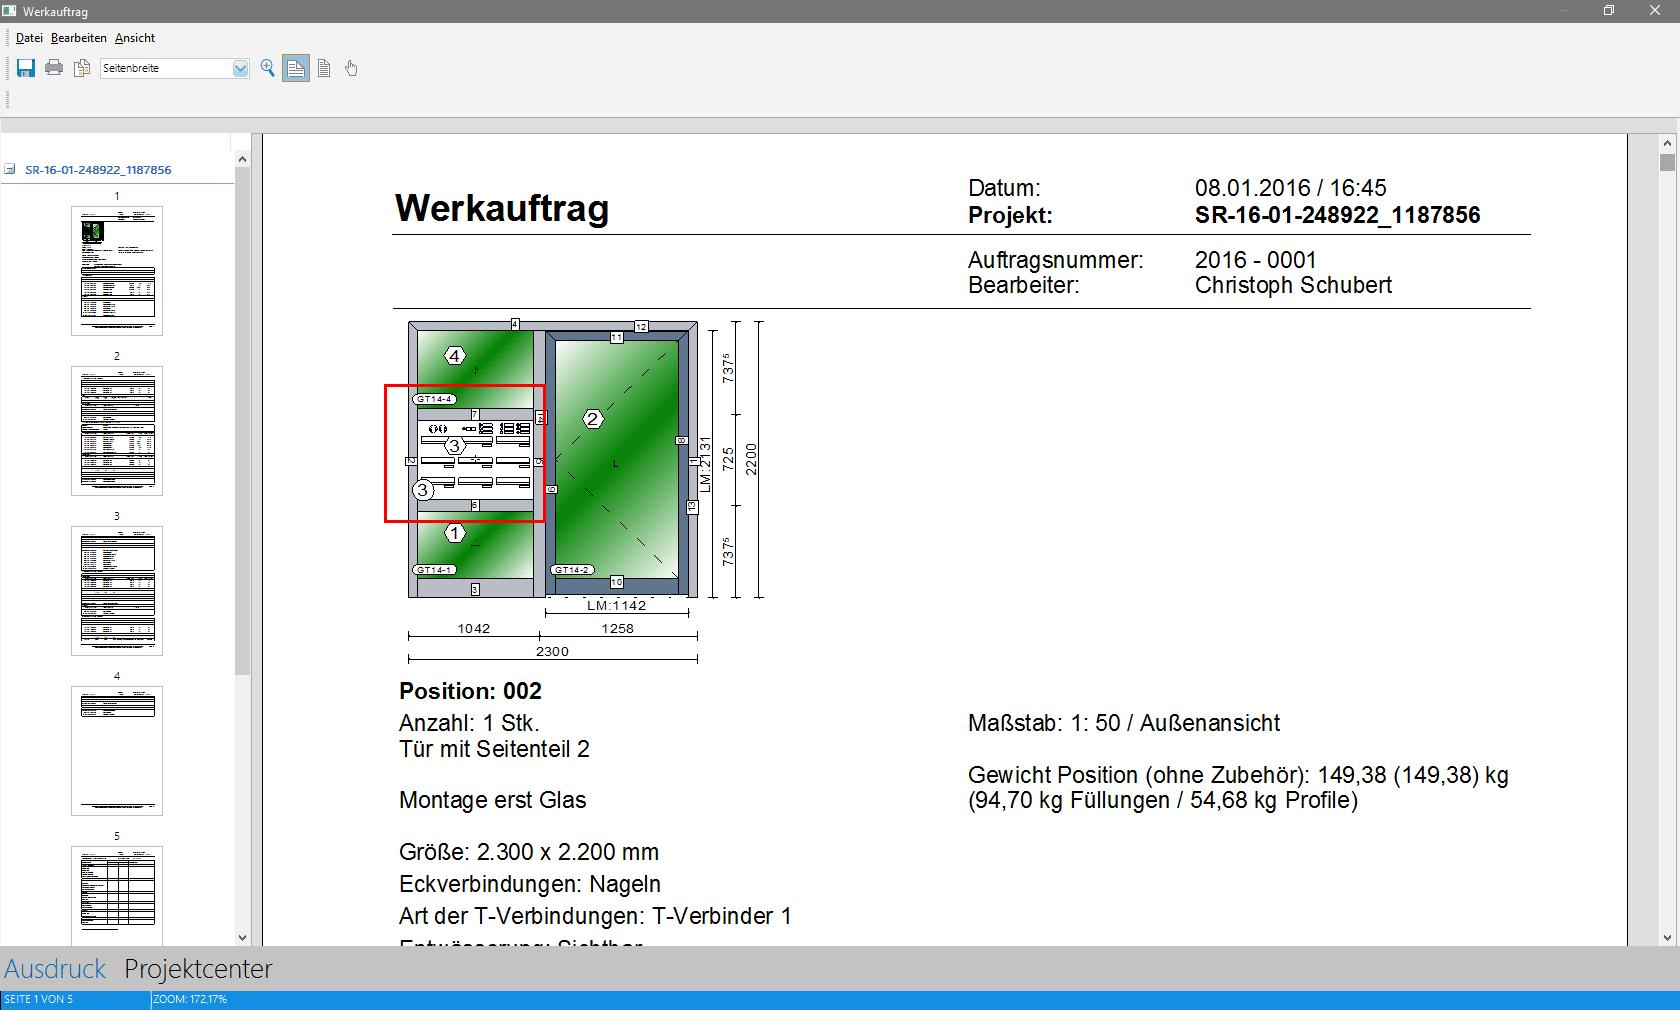 2016-RENZ-DE-007a